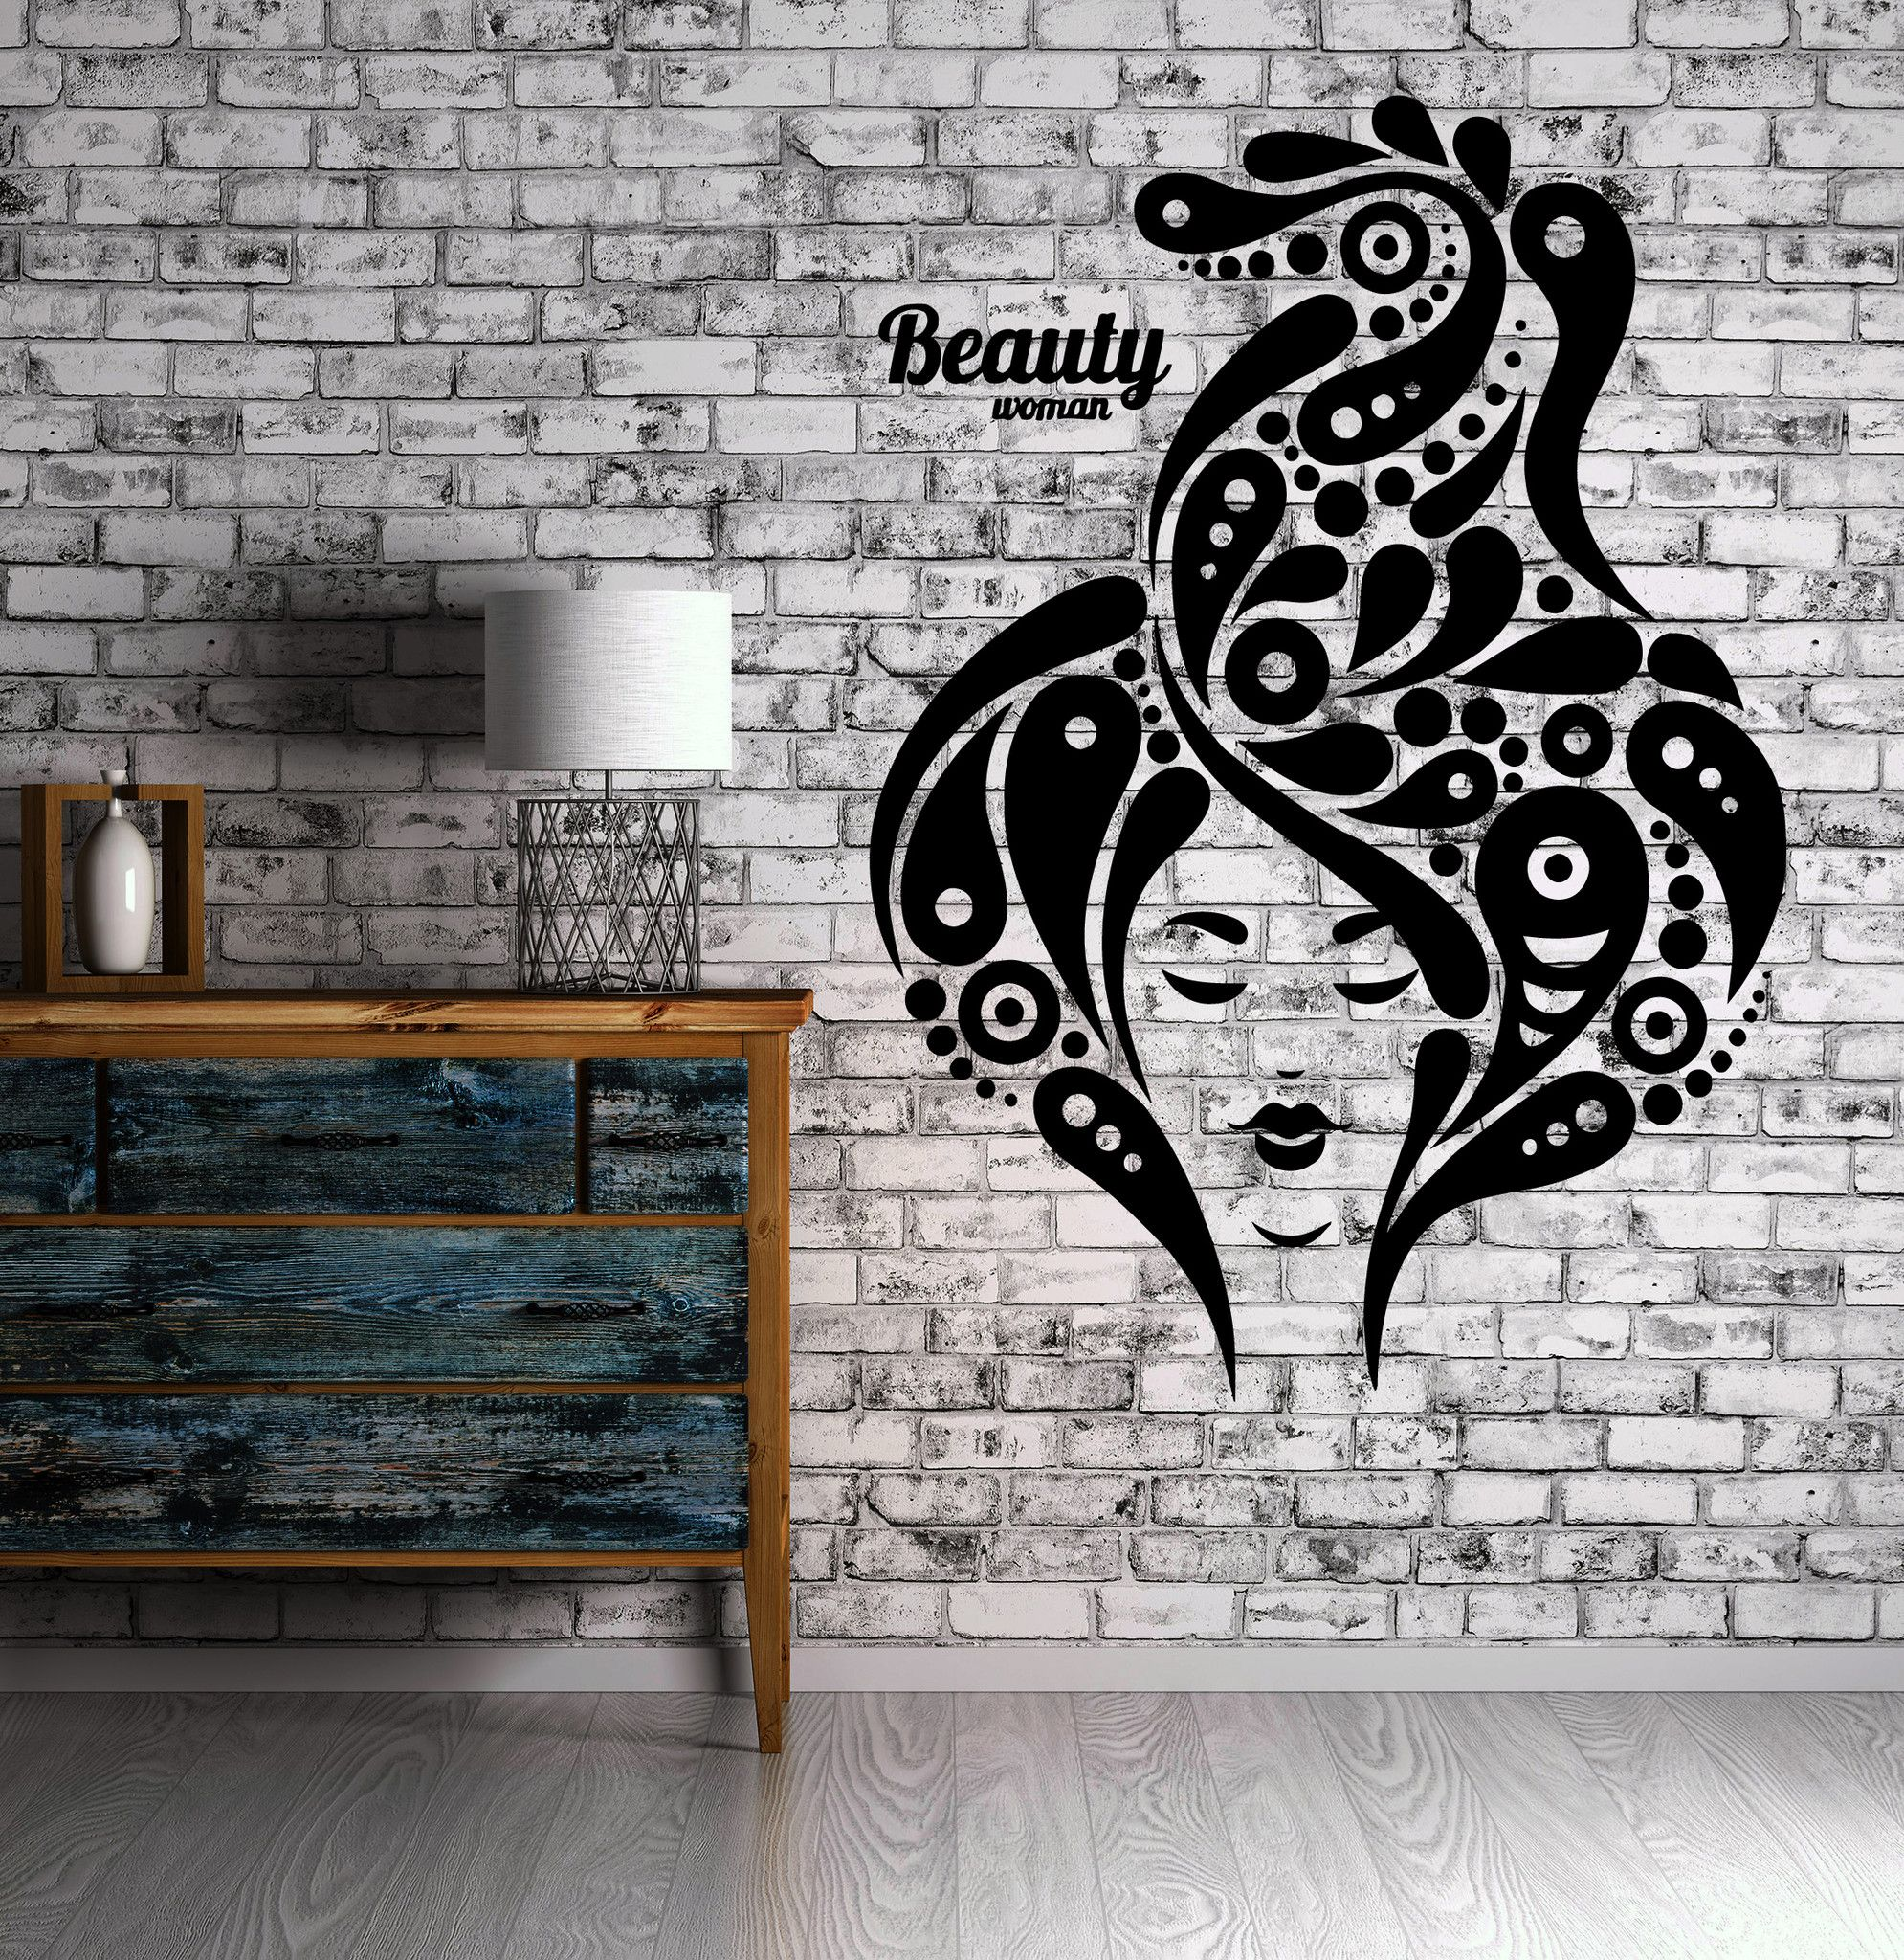 Beauty salon sexy woman hair spa makeupwall sticker vinyl decal